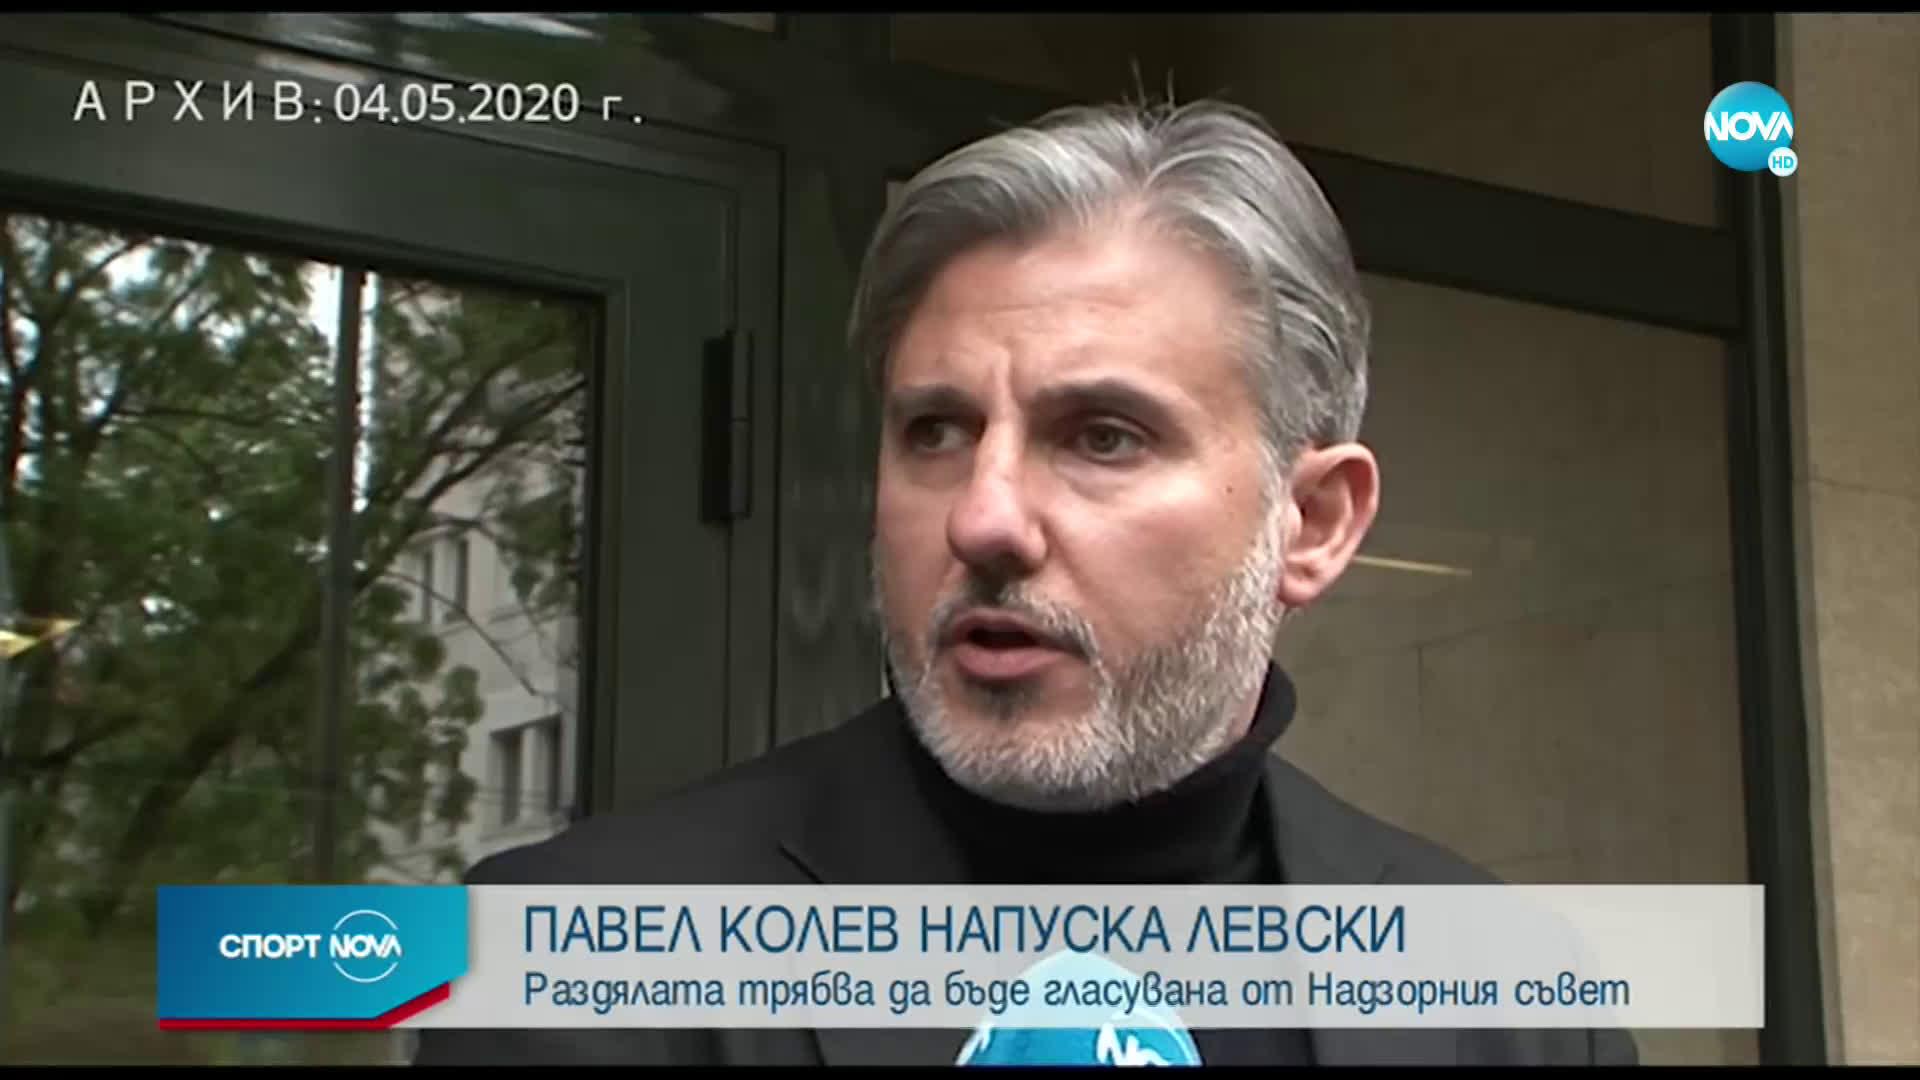 Павел Колев напусна Левски